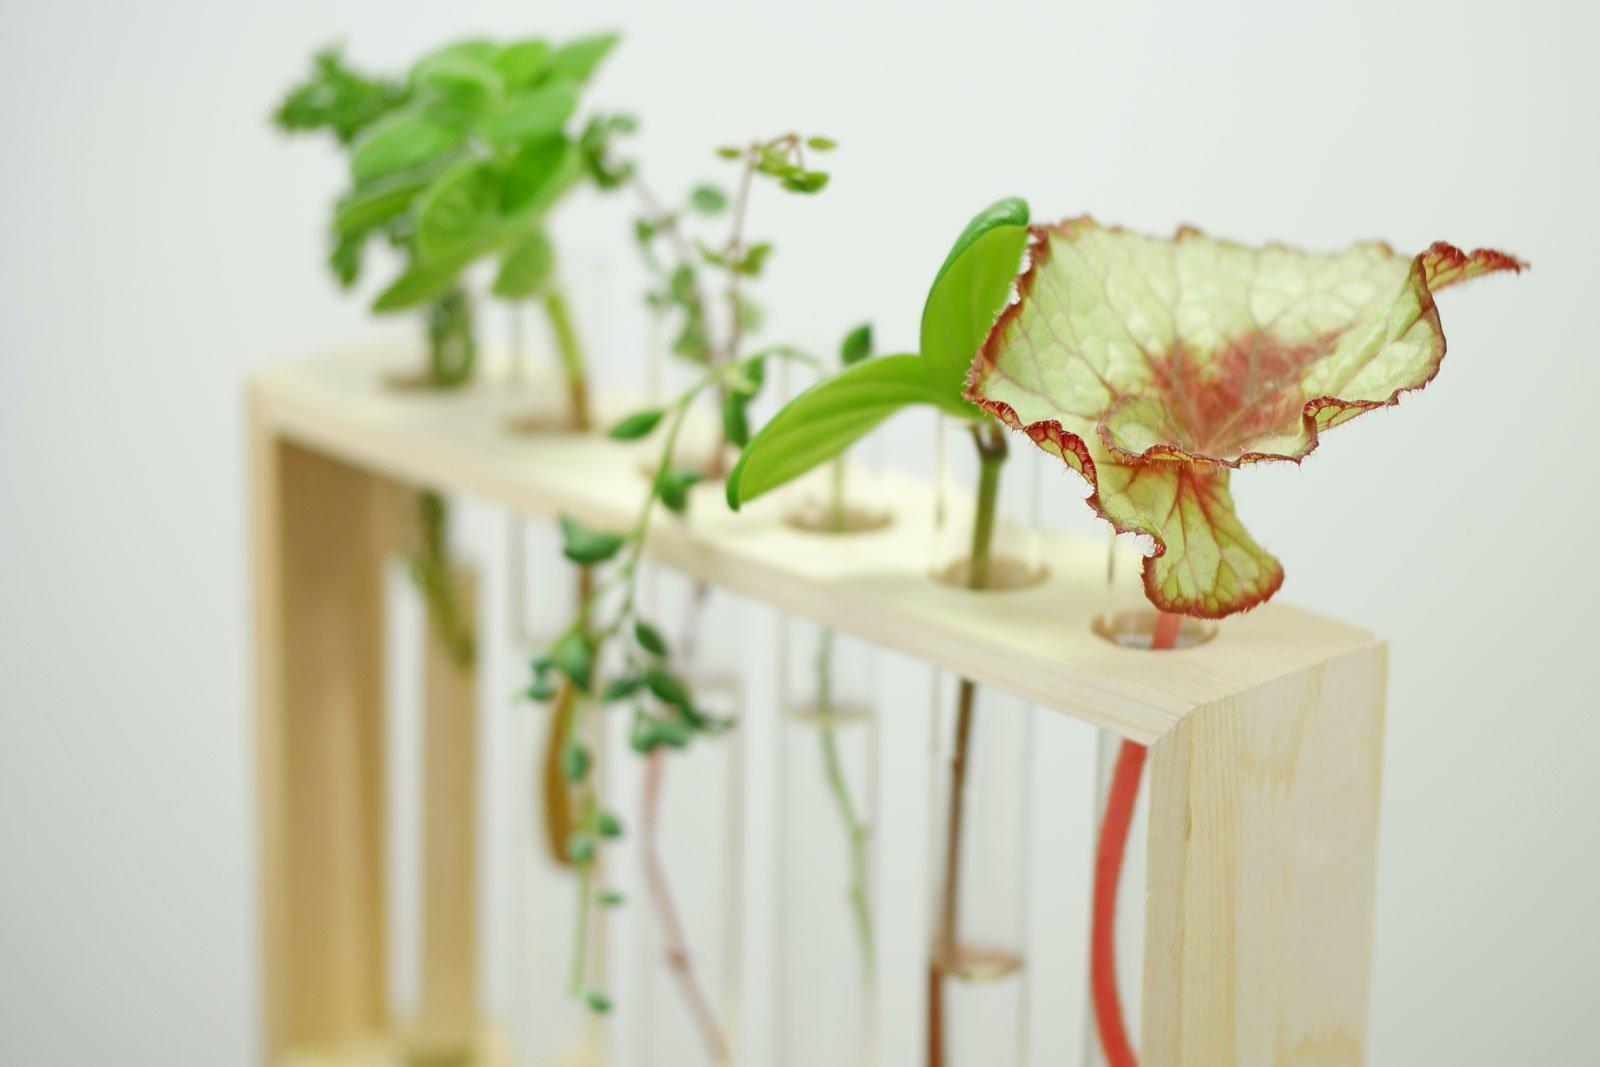 Wasserpflanzen im Glas